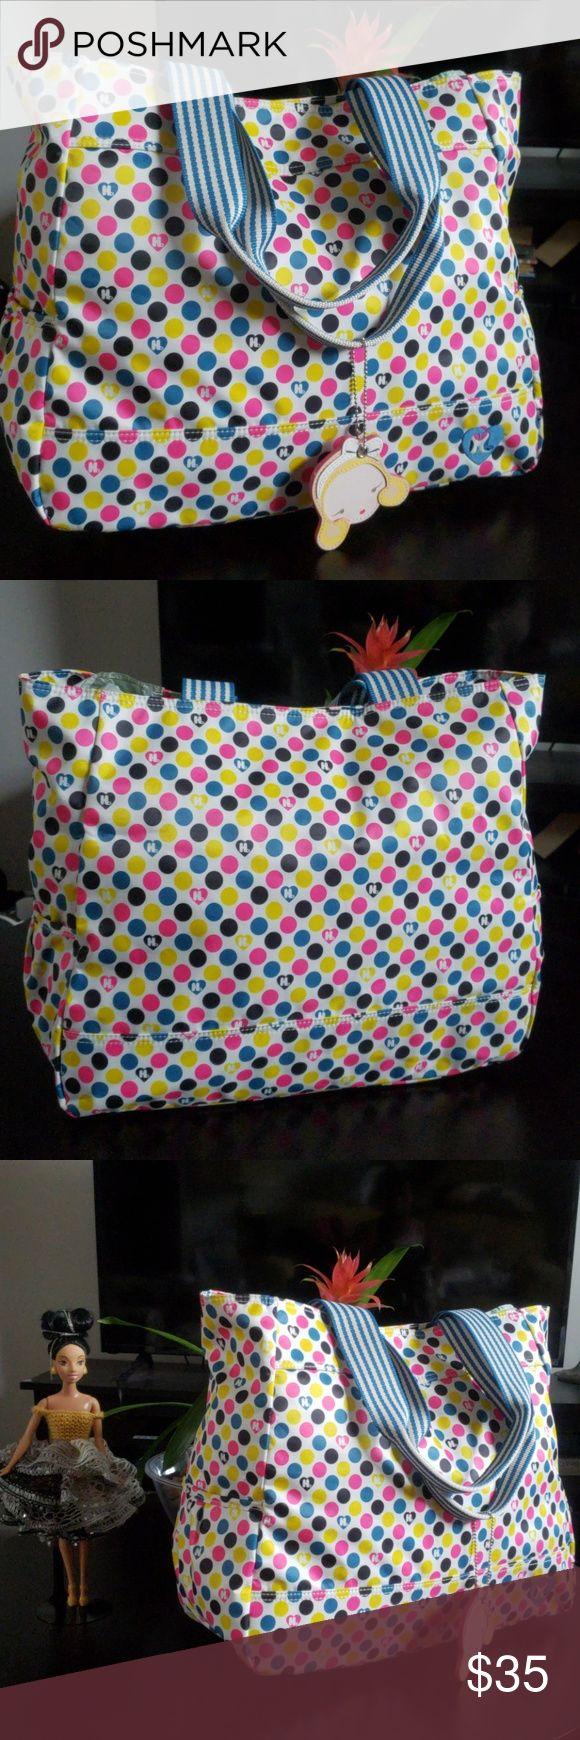 Harajuku Lovers tote Harajuku Lovers polka dot tote Pink blue yellow and black p…